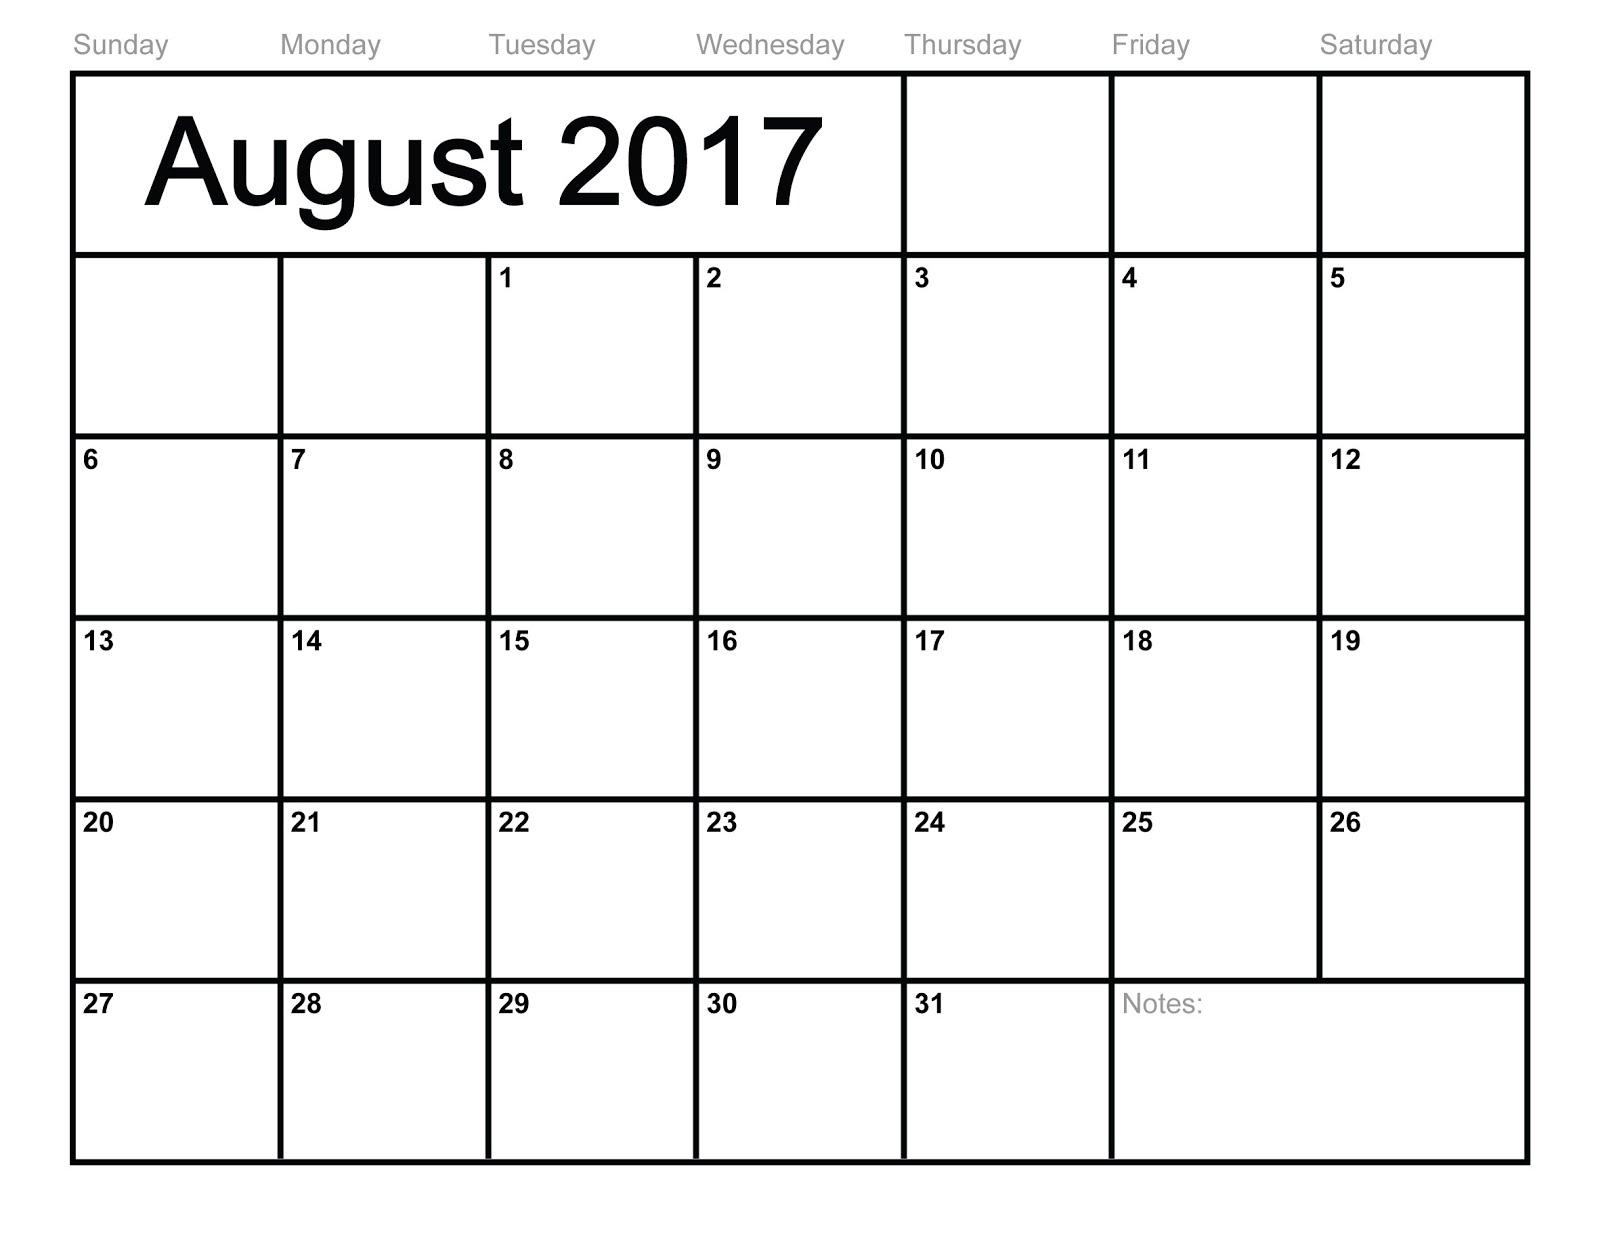 August 2017 Printable Calendar | August 2017 Blank Calendar ...